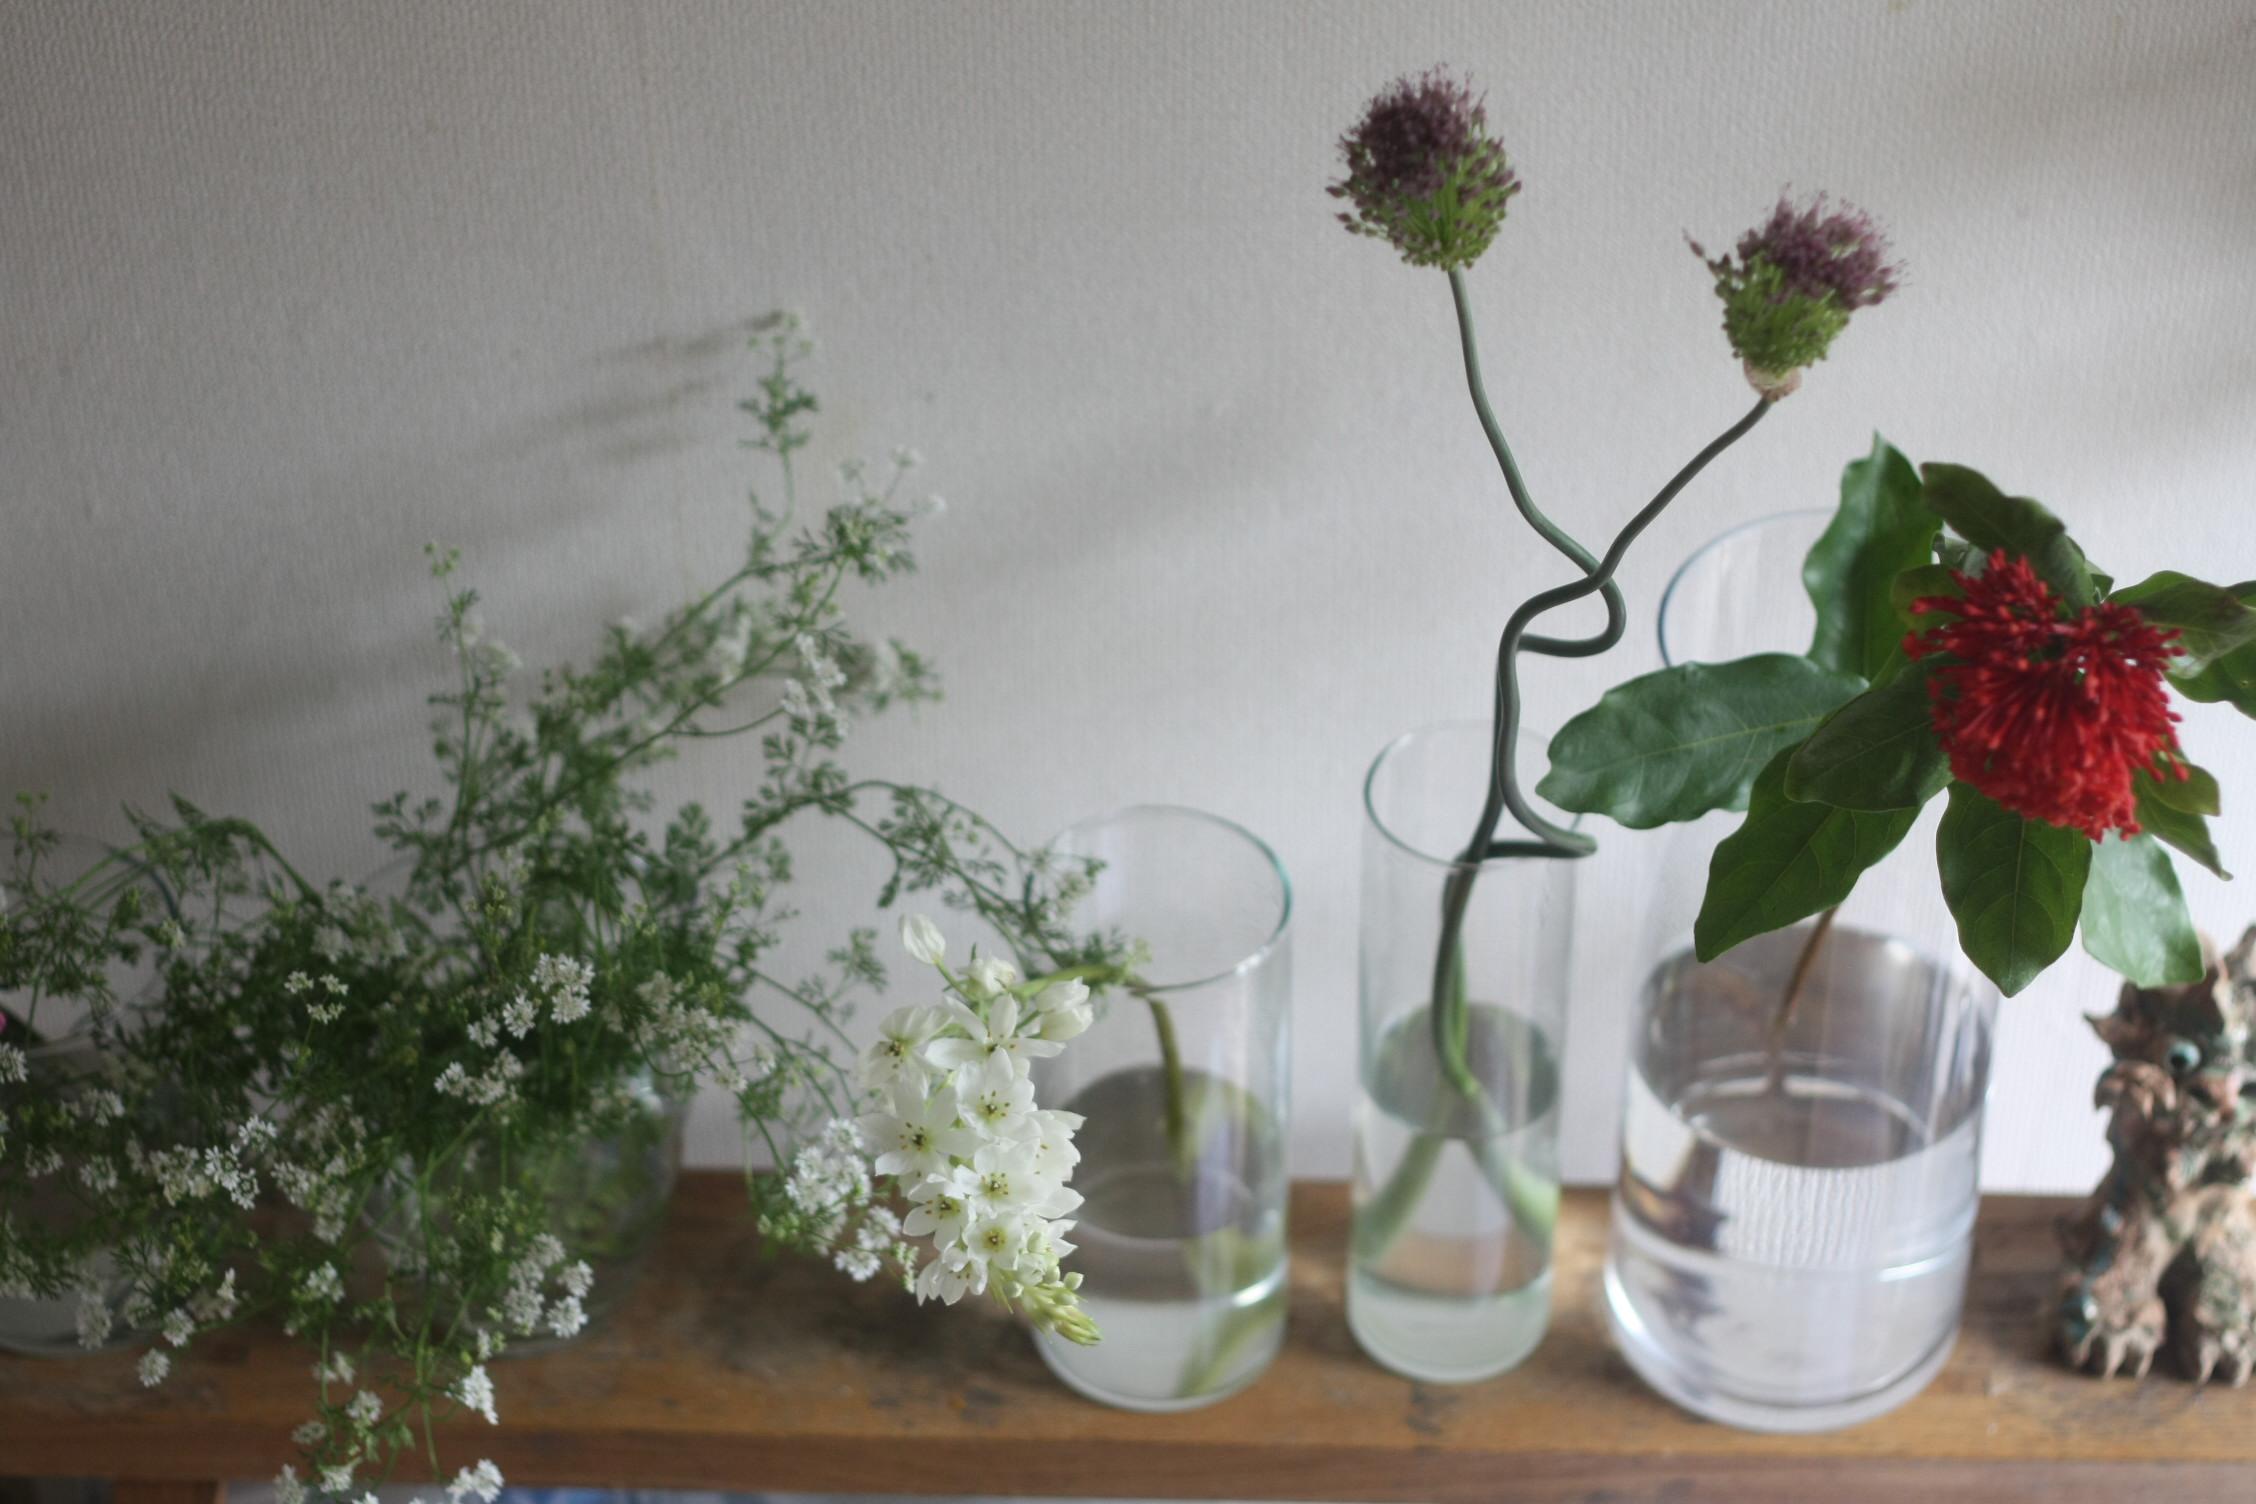 花瓶や陶器は小さい子供には危ない?